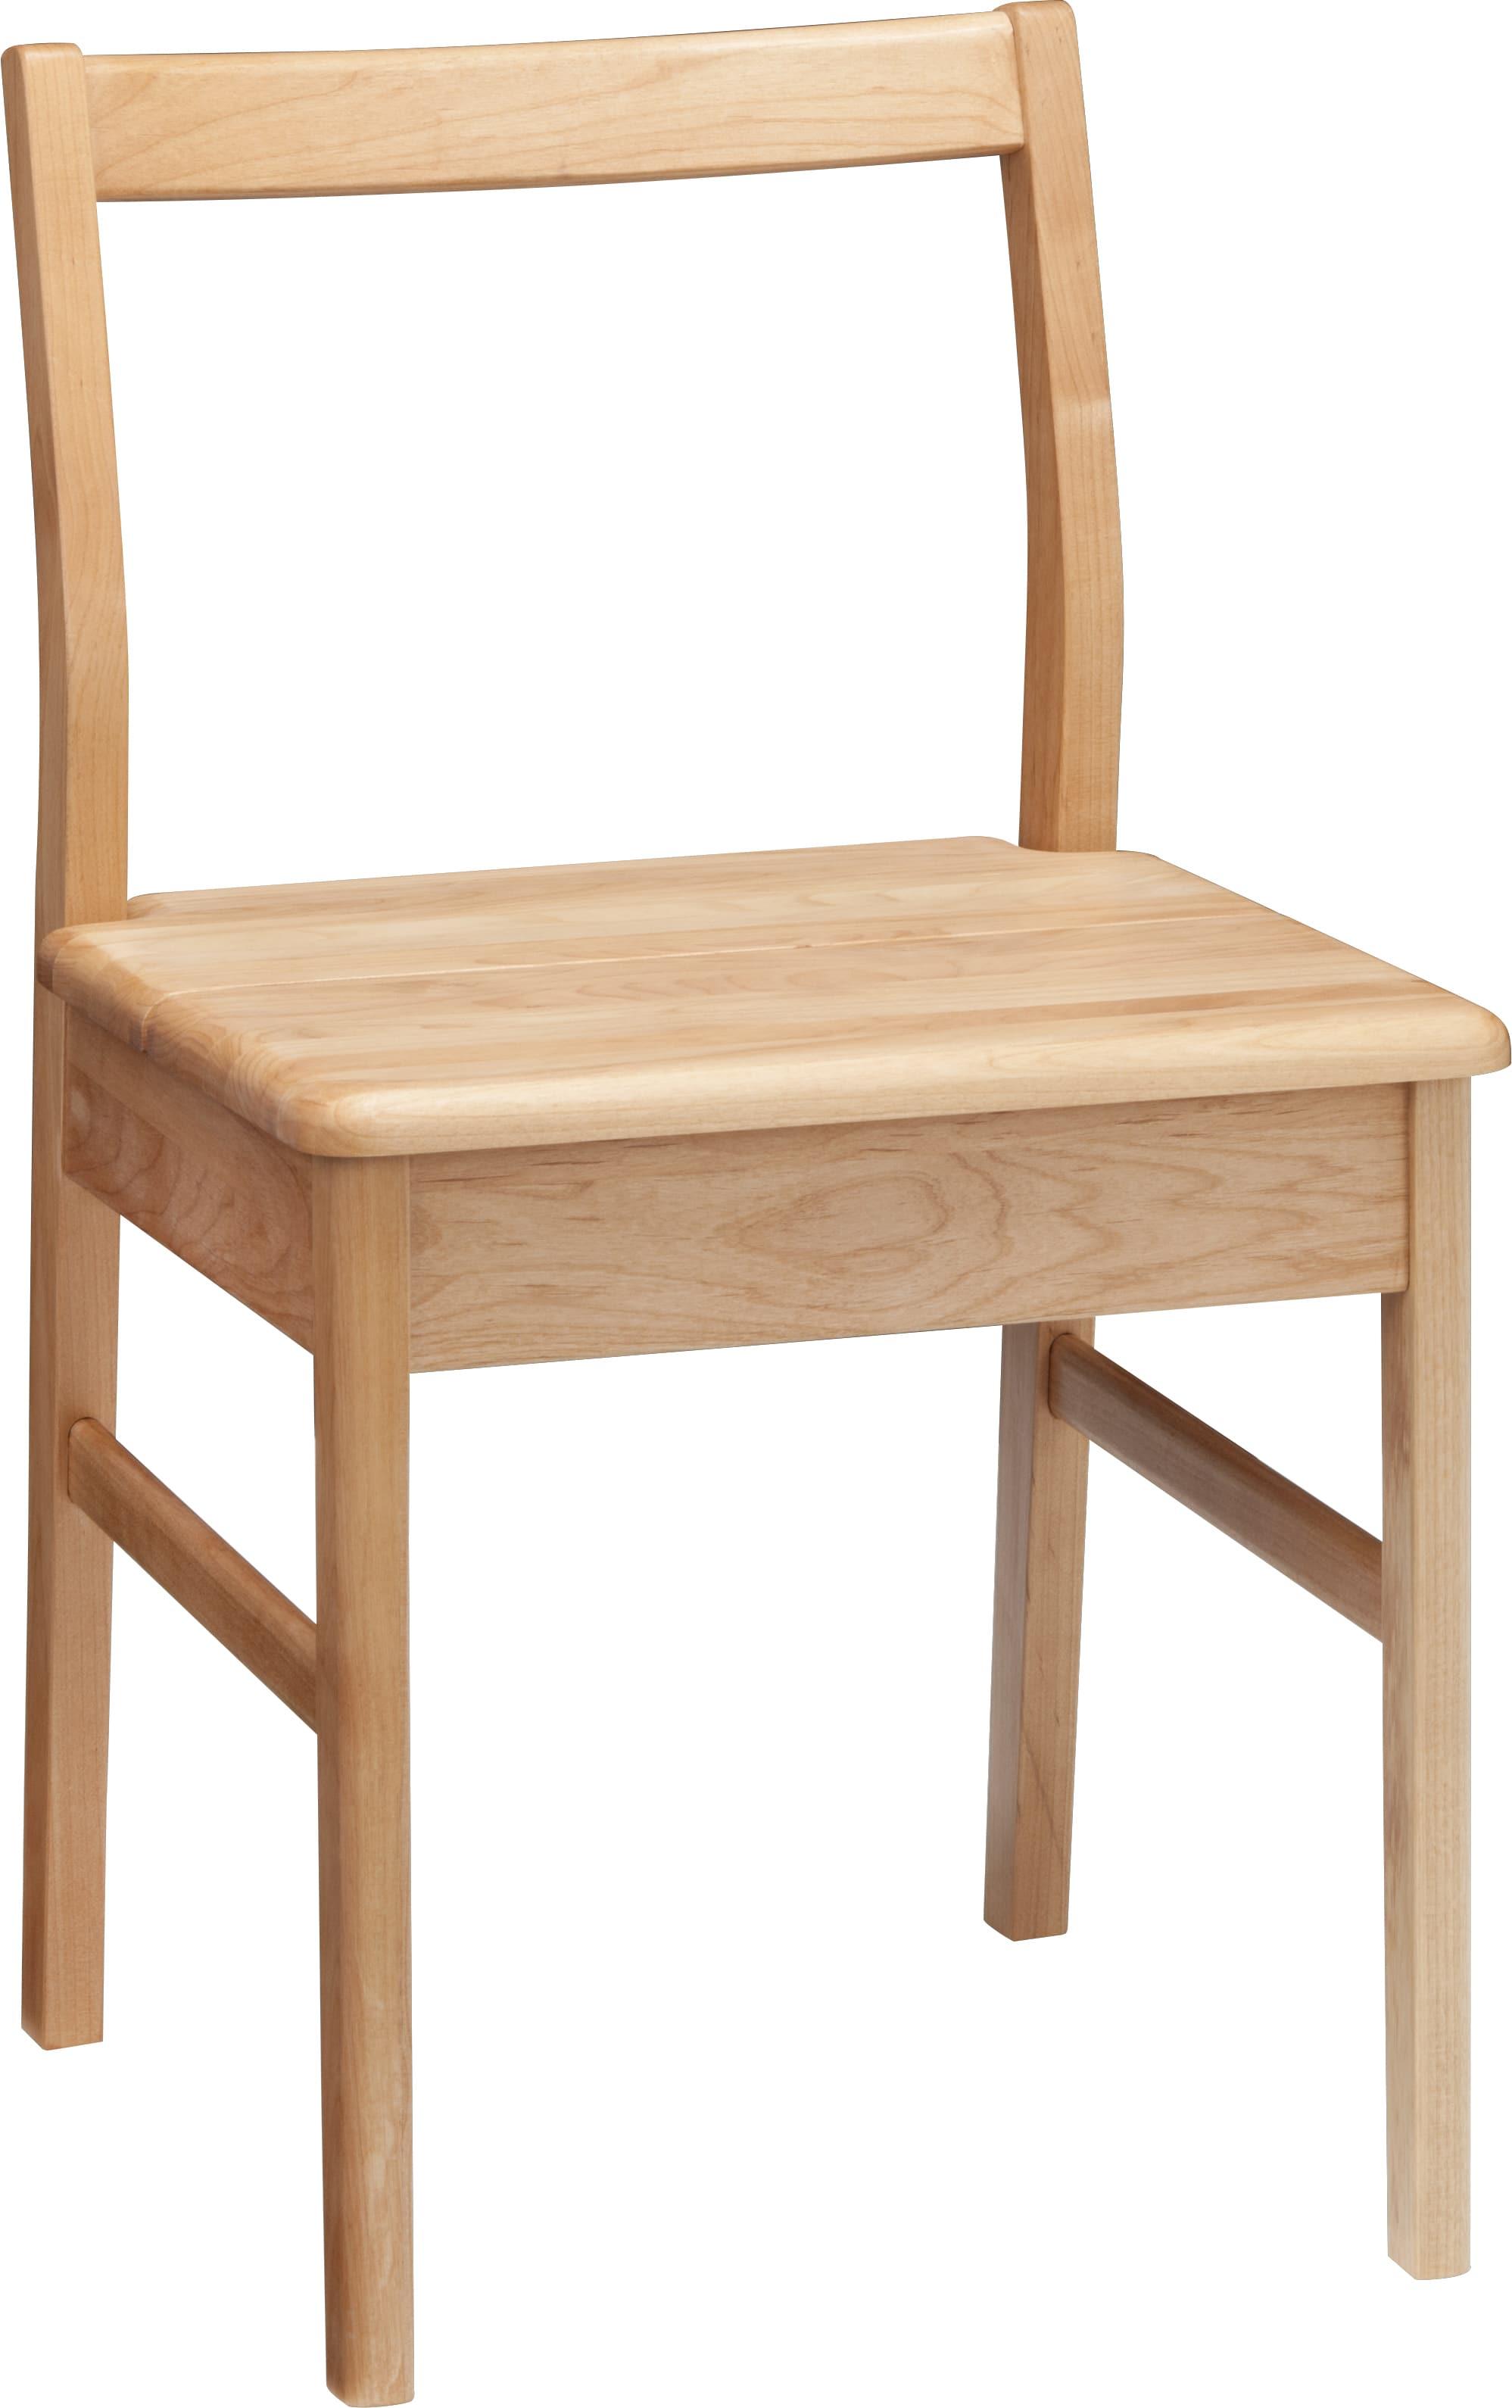 木製チェアタイニー�Uアルダー:木製チェアタイニー�U